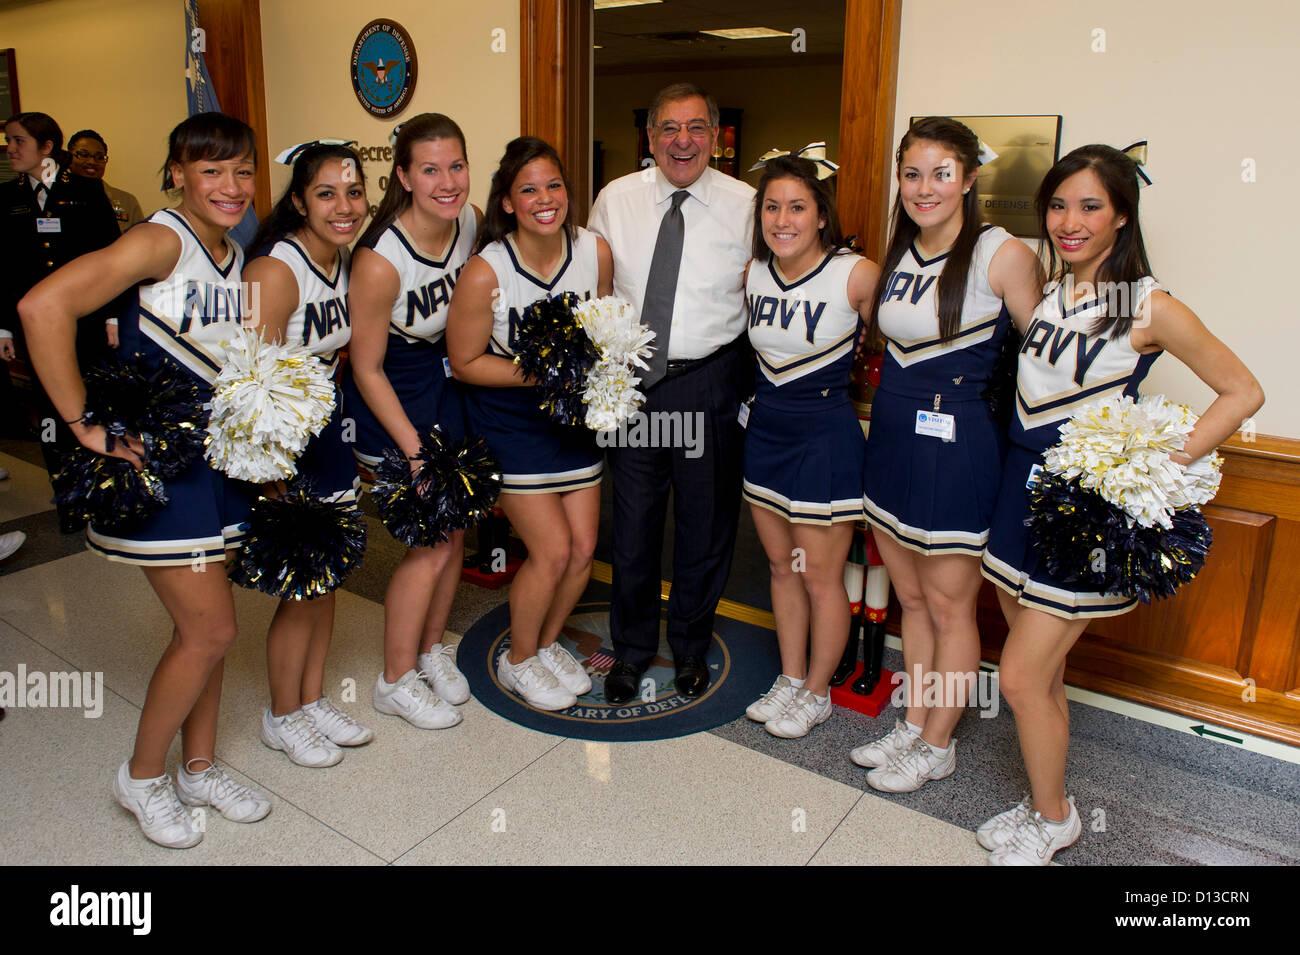 Naval Academy Cheerleaders | Navy Midshipmen Cheerleaders. N… | Flickr